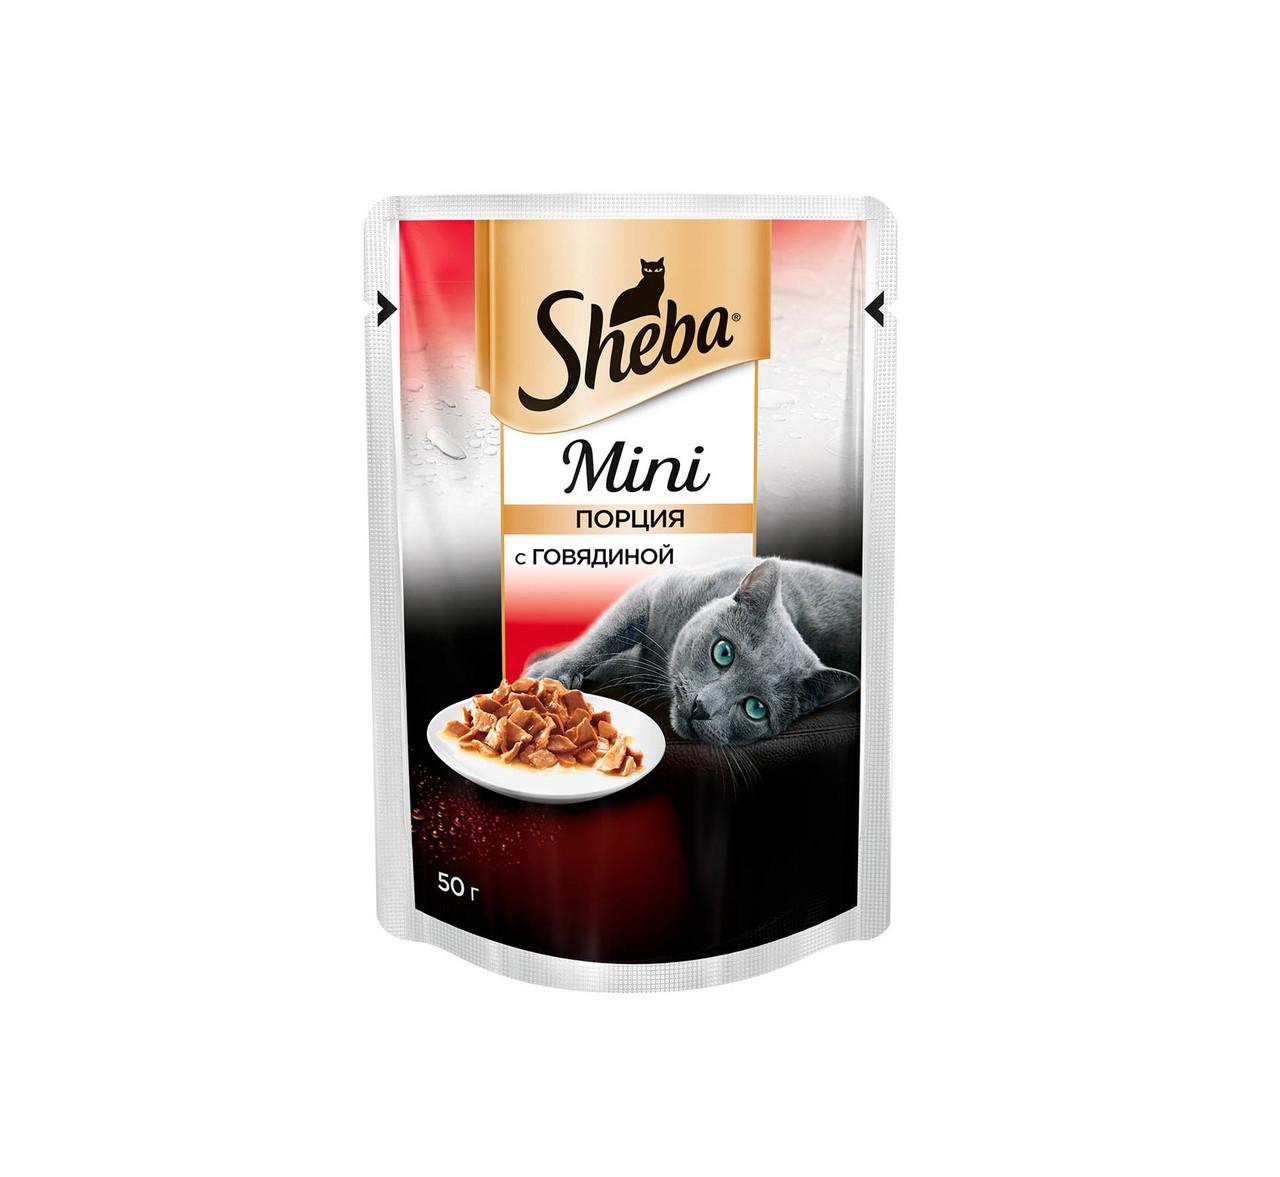 Sheba Mini с говядиной, пауч 50 гр.